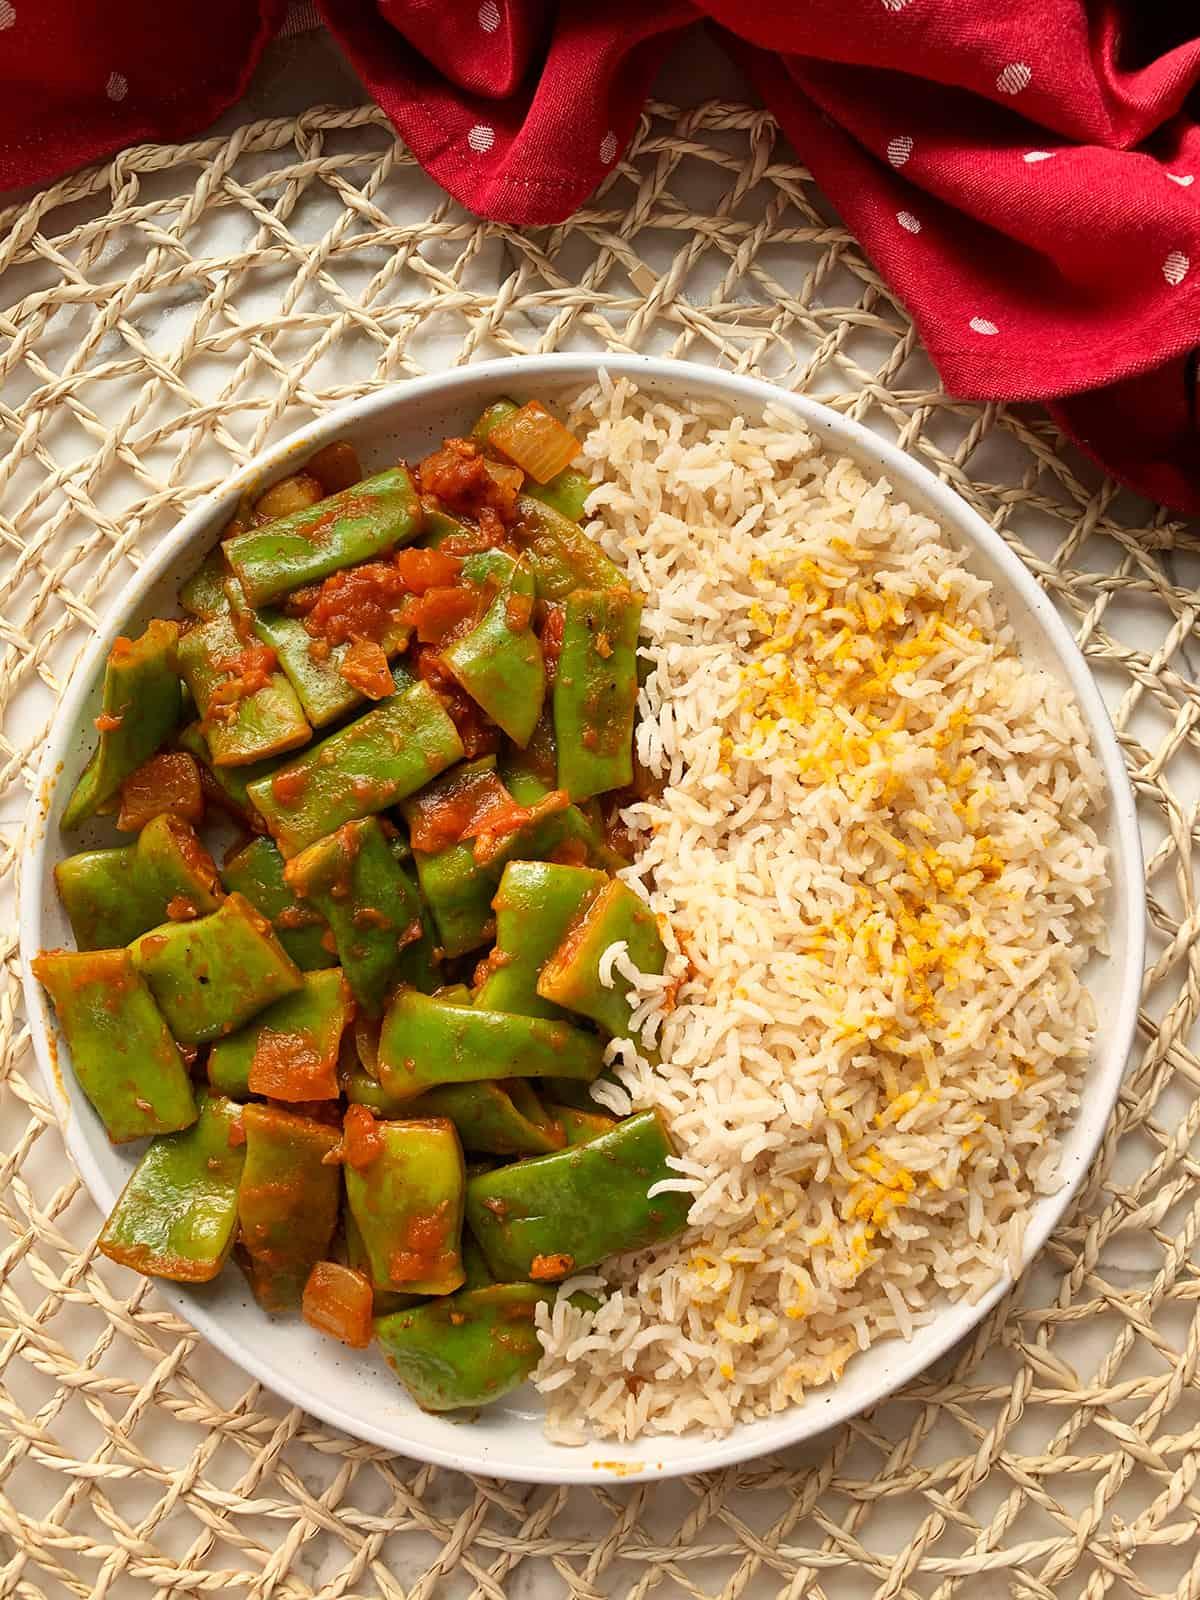 loubieh in a white plate